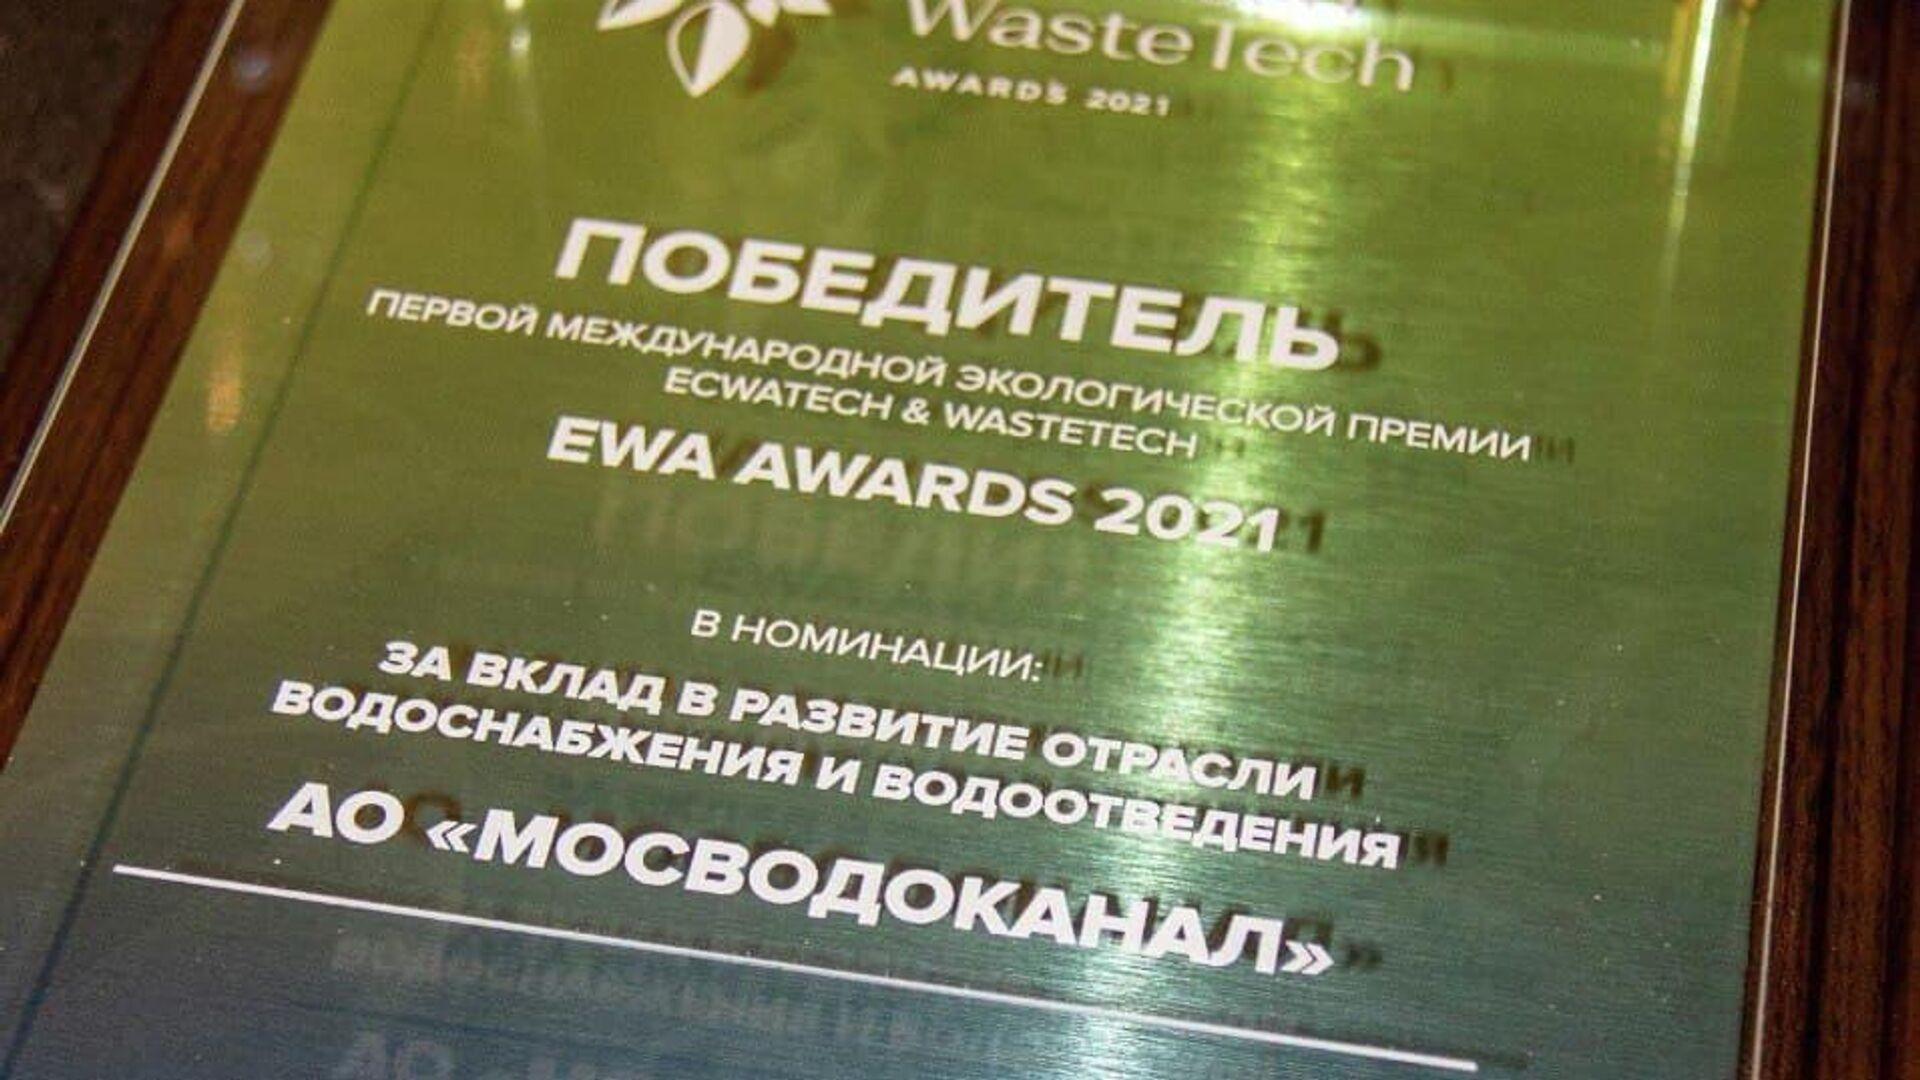 Мосводоканал получил международную экологическую премию EWA - РИА Новости, 1920, 08.09.2021